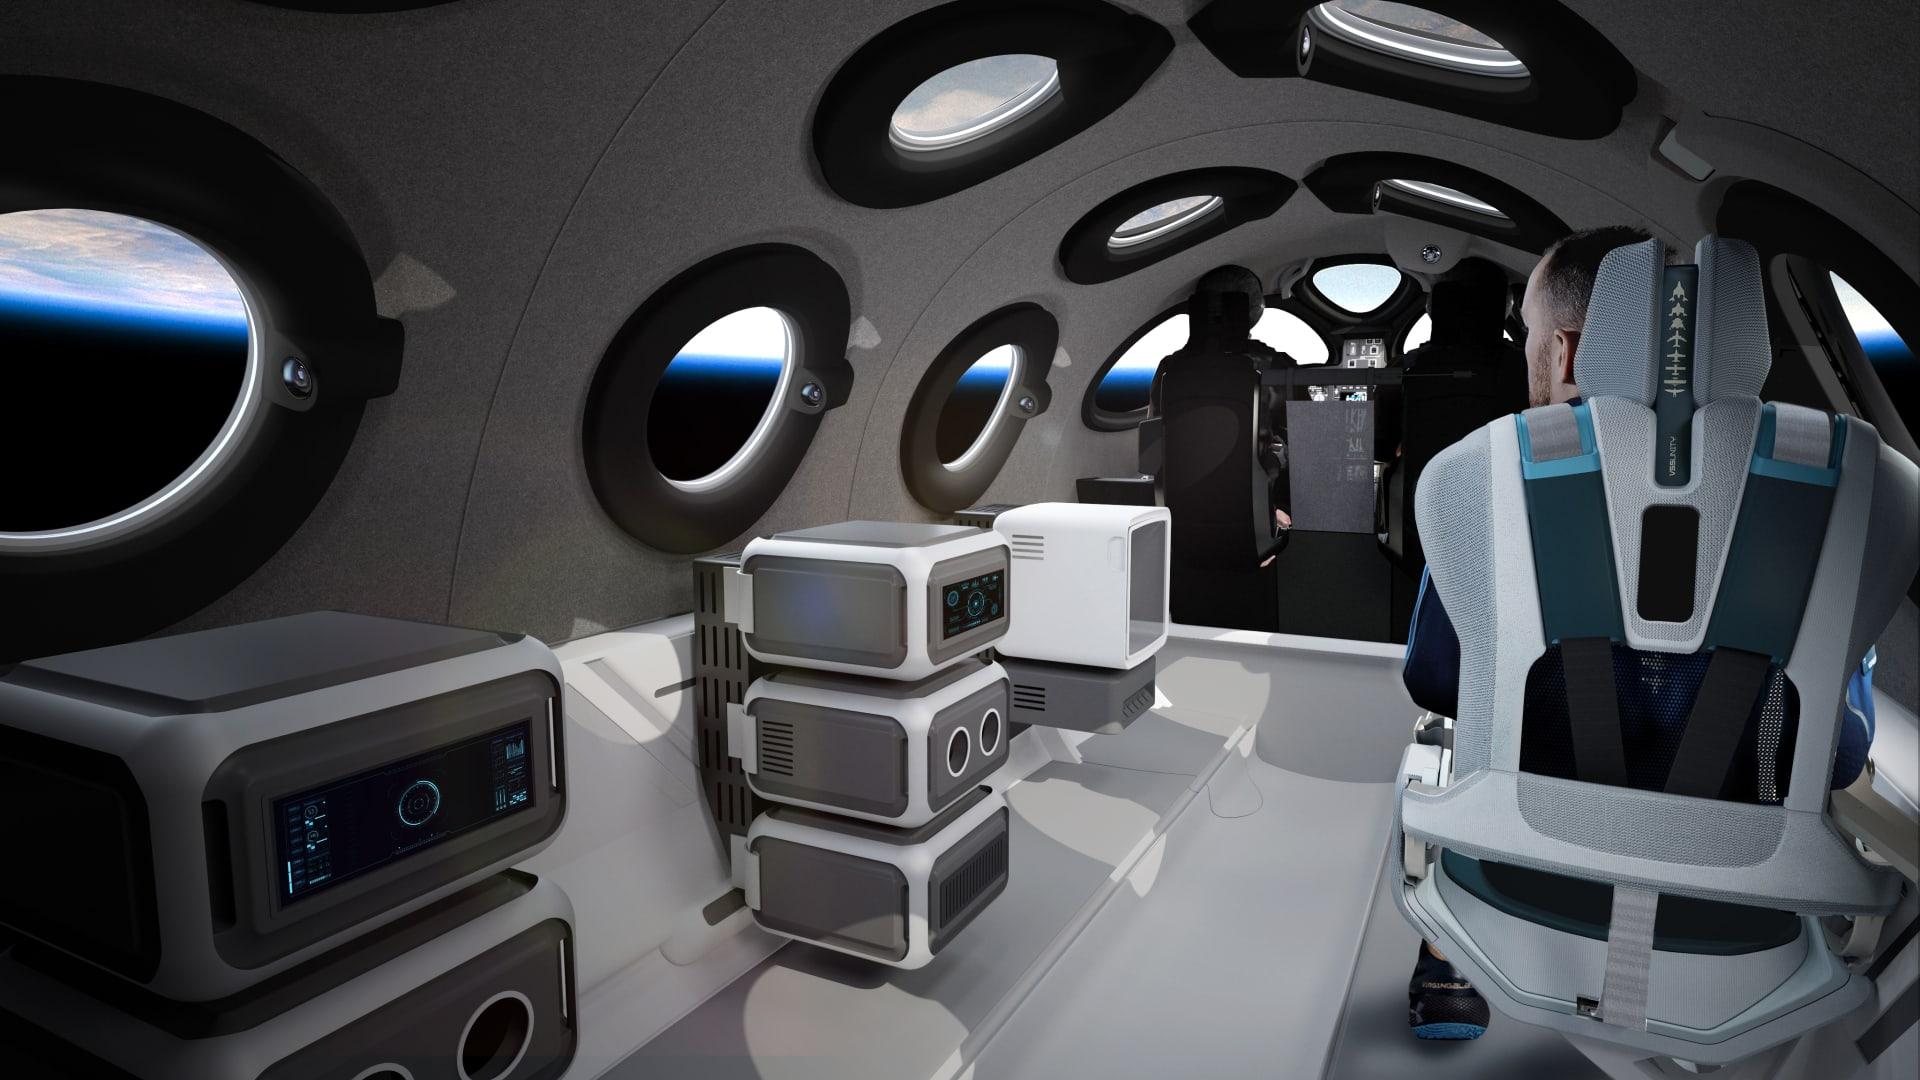 """""""فيرجين غالاكتيك"""" تكشف عن تصميم مقصورة ستنقل السياح إلى الفضاء"""